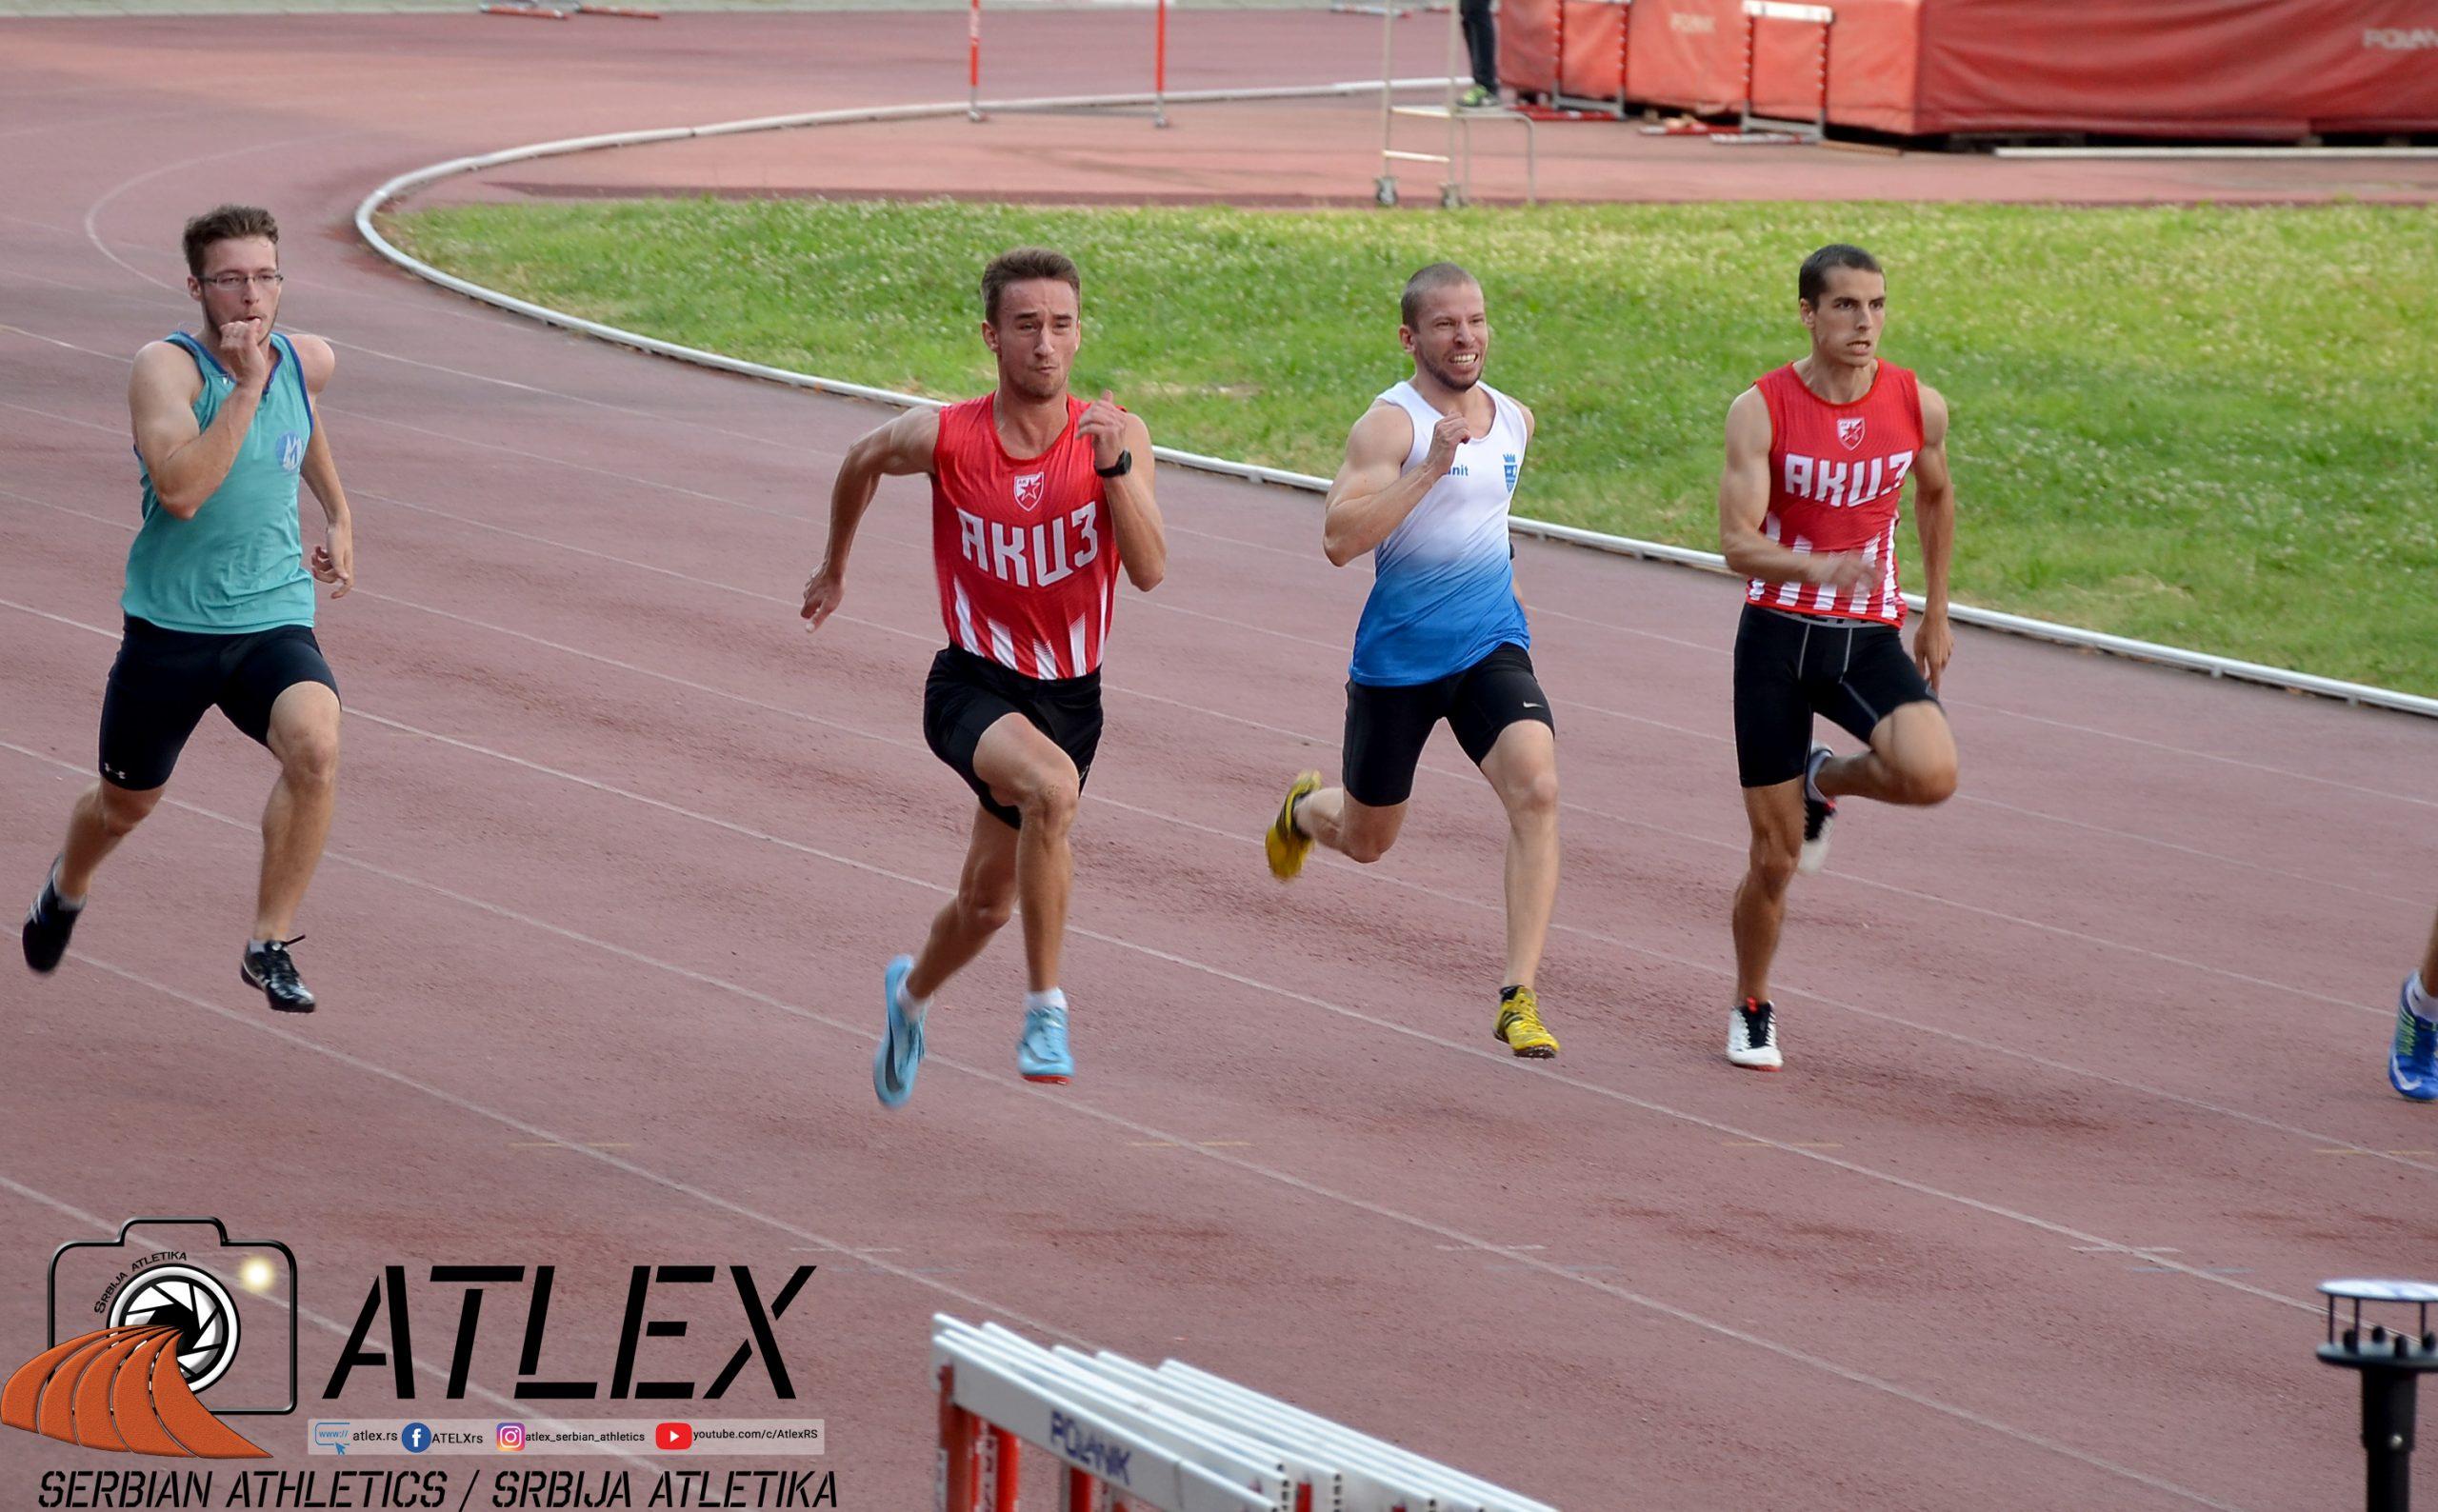 Kup Beograda za juniore VK 100m - Jurošević, Mandić, Labica, Radojković